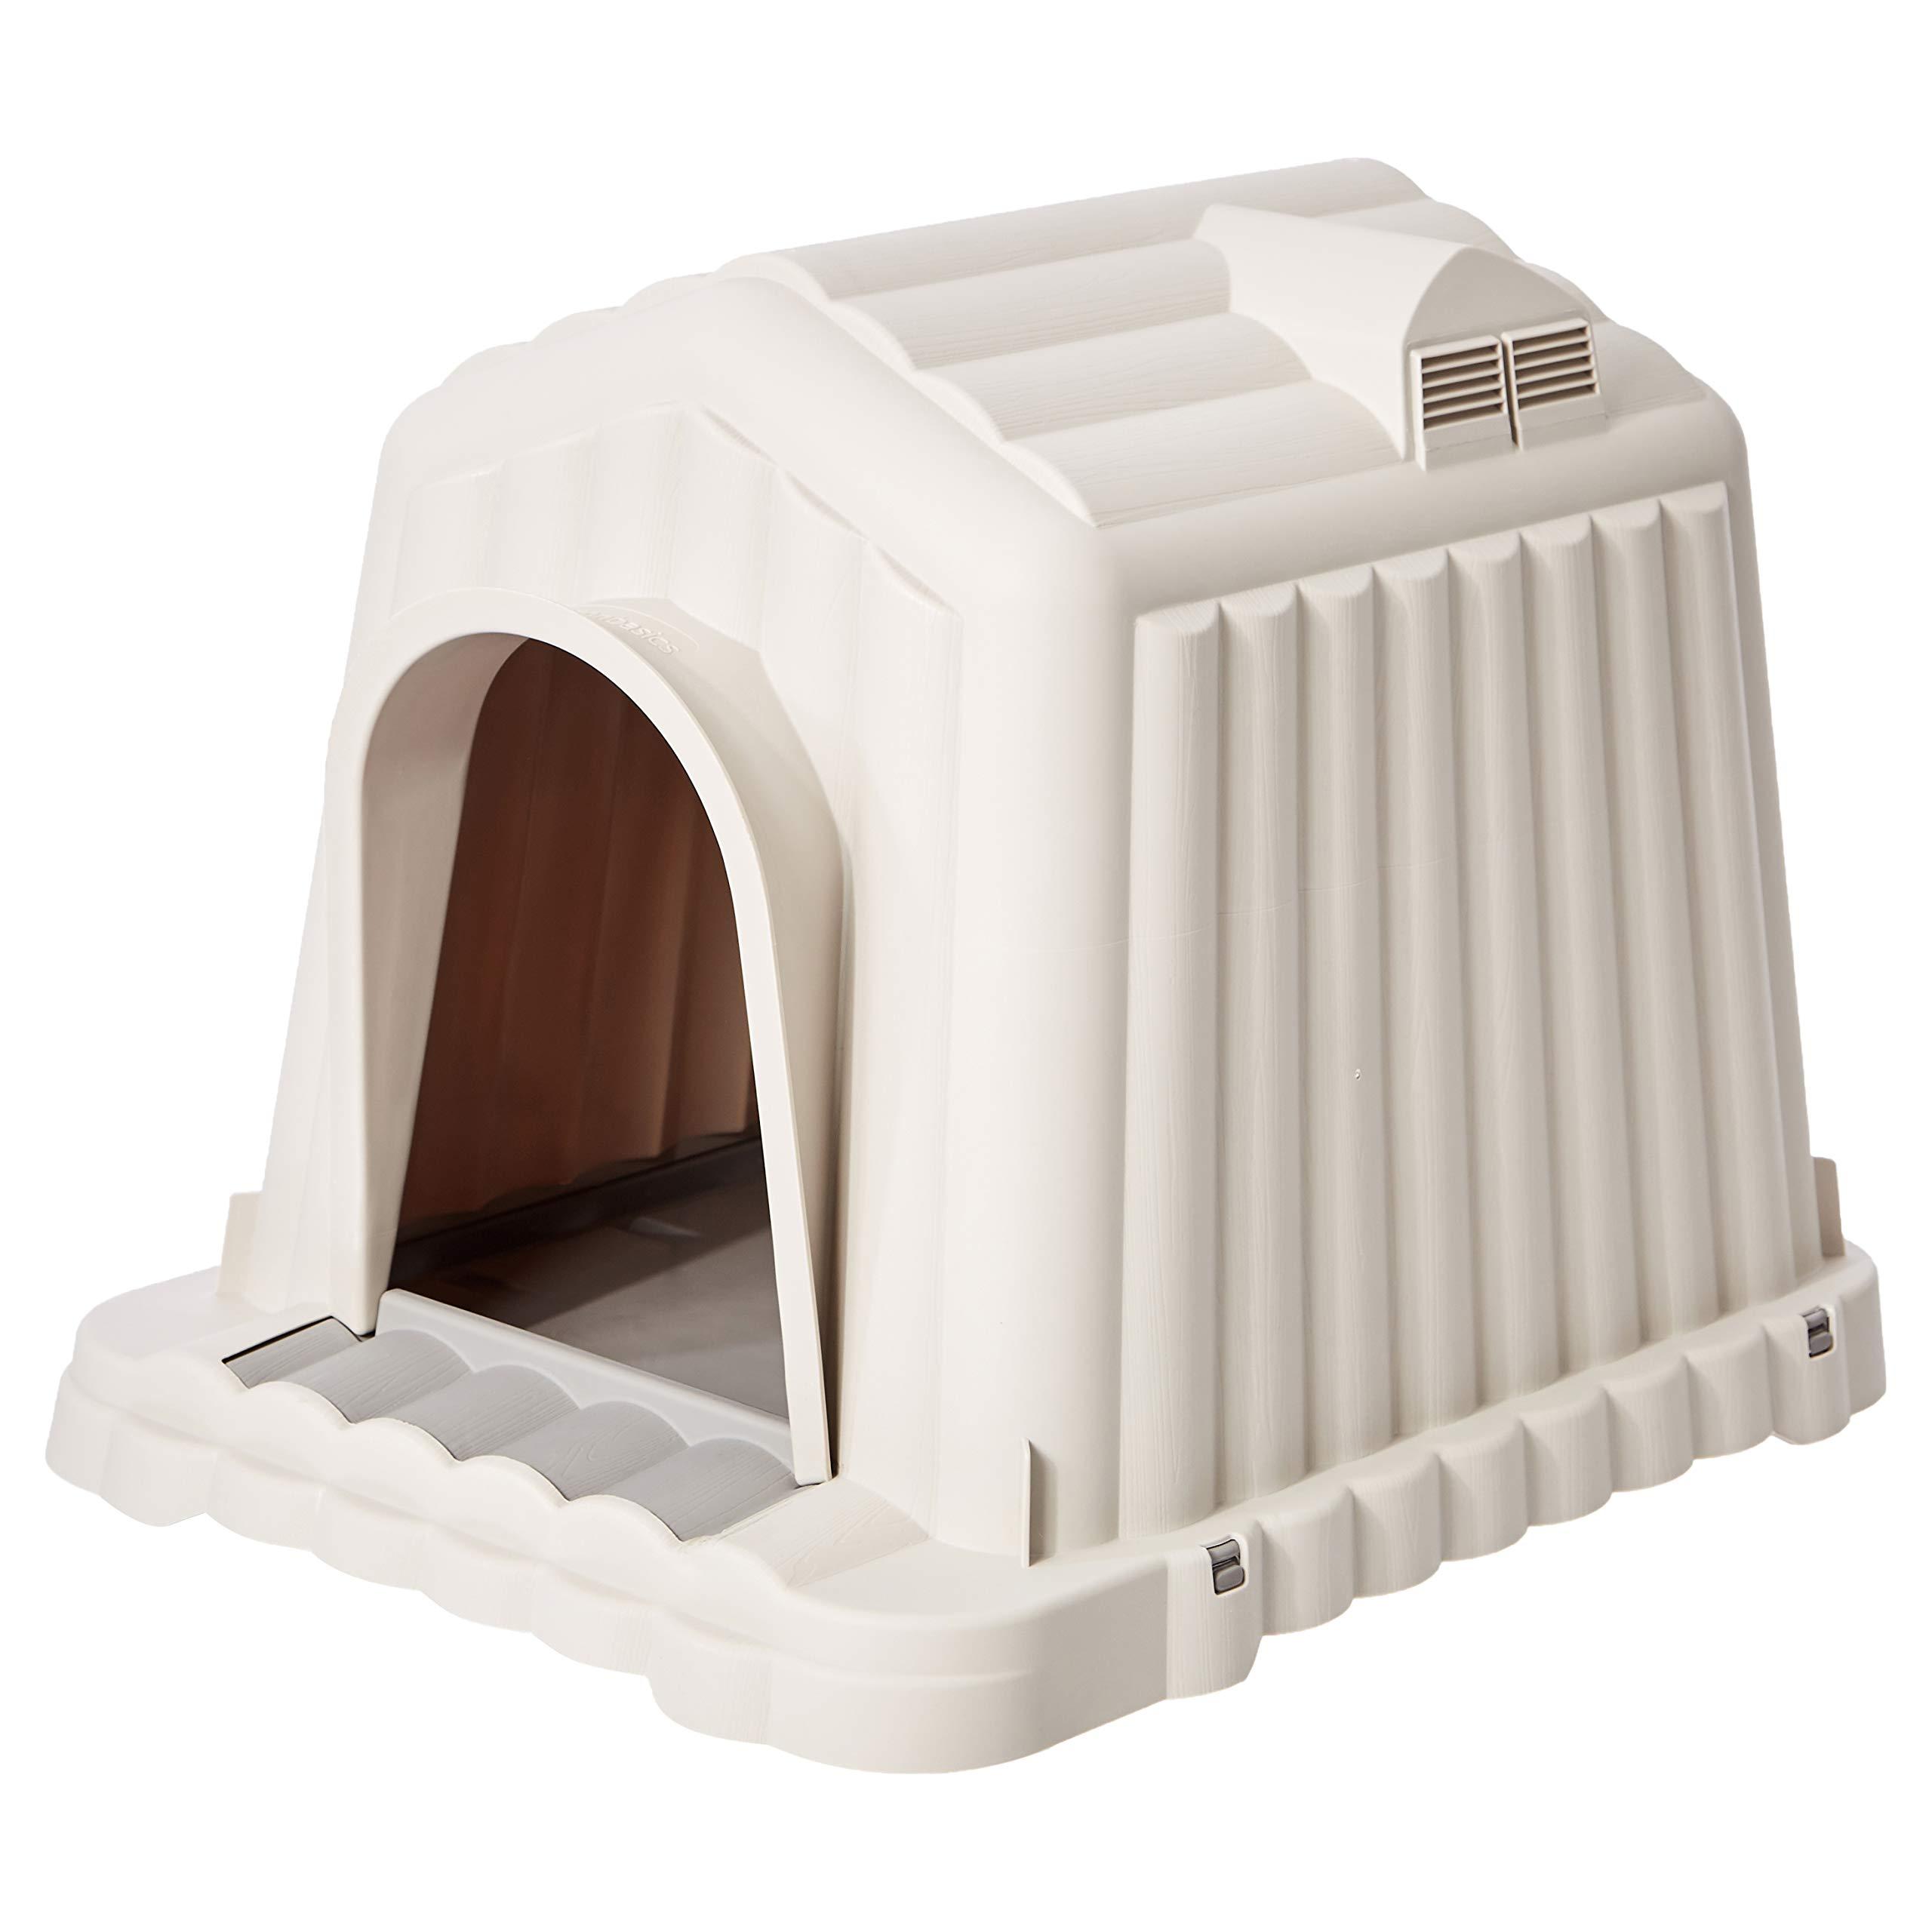 AmazonBasics Pet House, Small by AmazonBasics